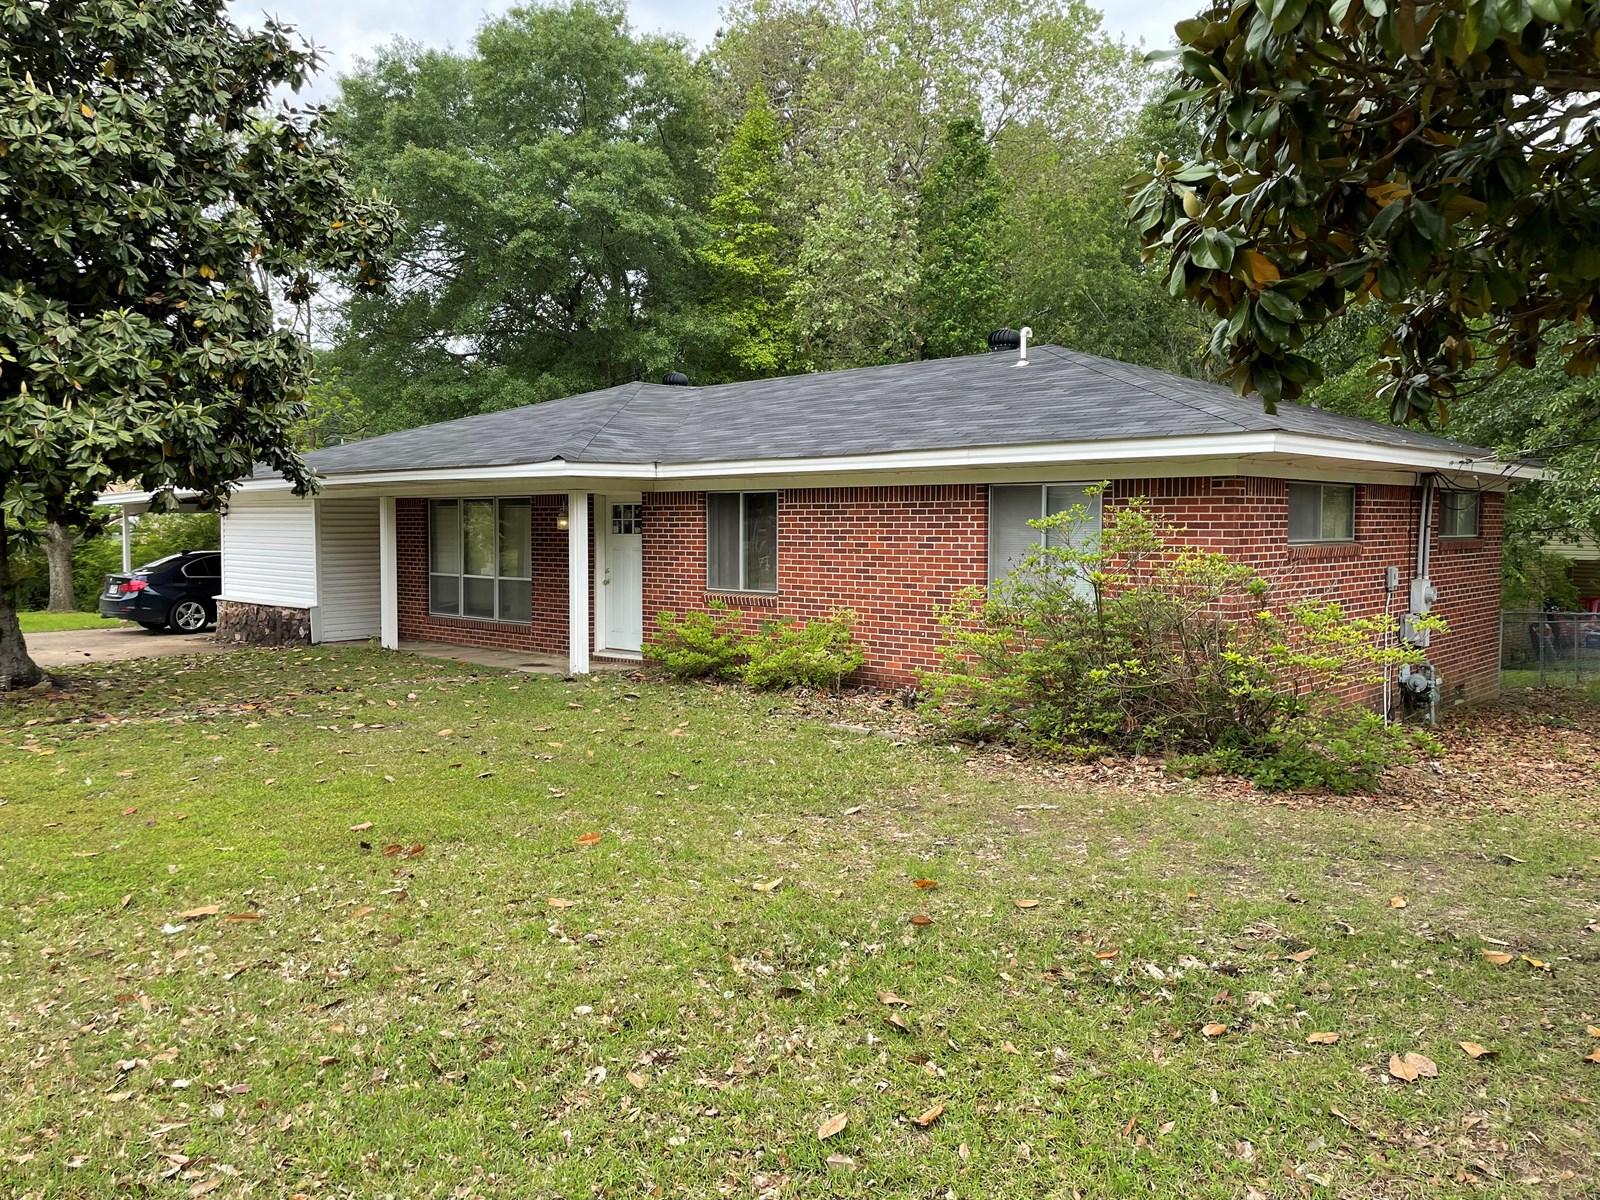 4 Bedroom Brick Home in Arkadelphia, Arkansas